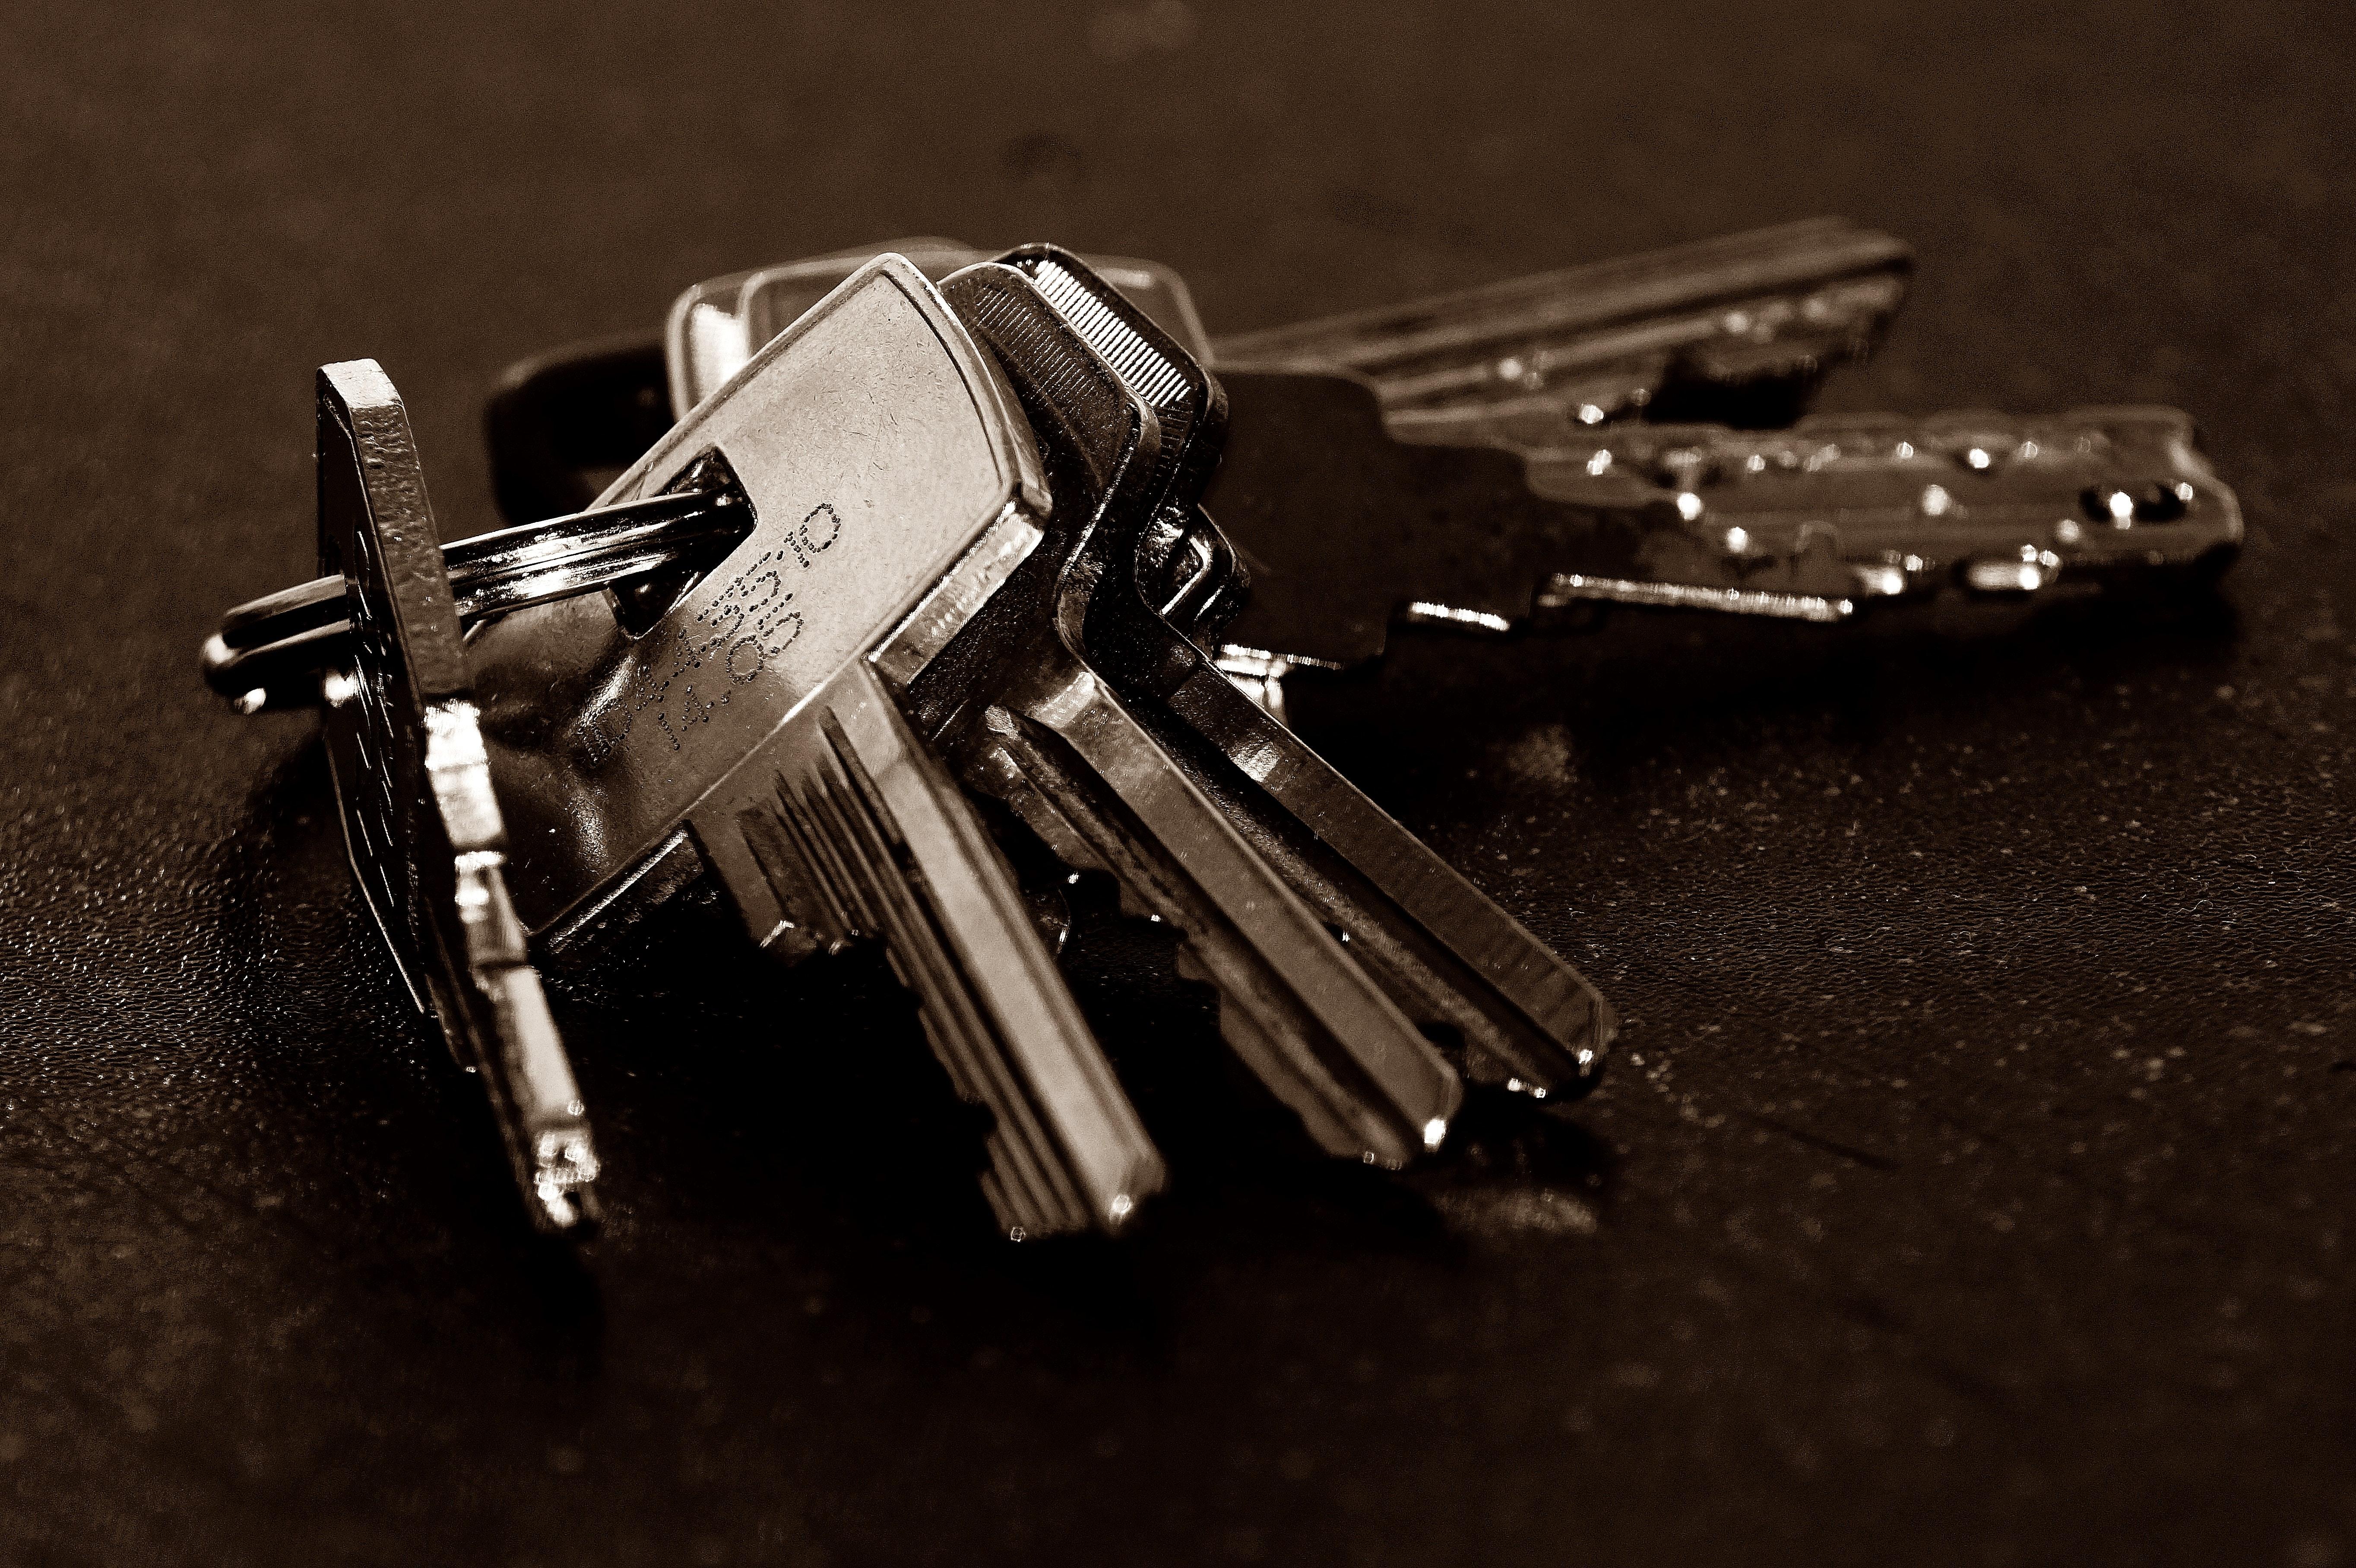 Sleutel afgebroken in het slot? Deze tips helpen wellicht.